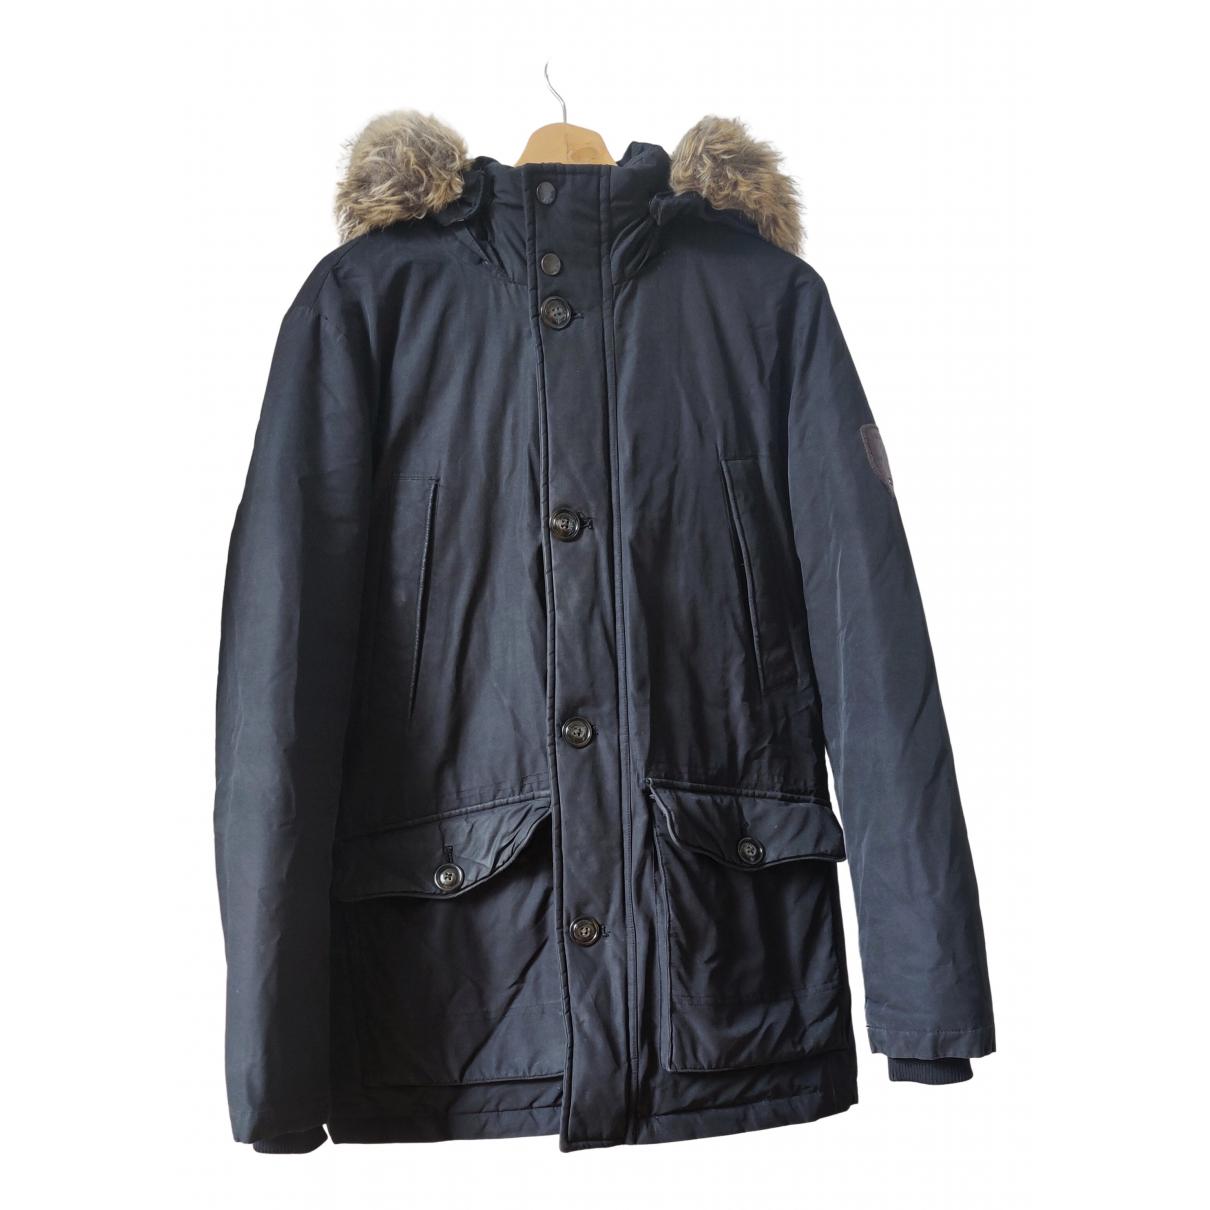 Tommy Hilfiger - Manteau   pour homme - noir